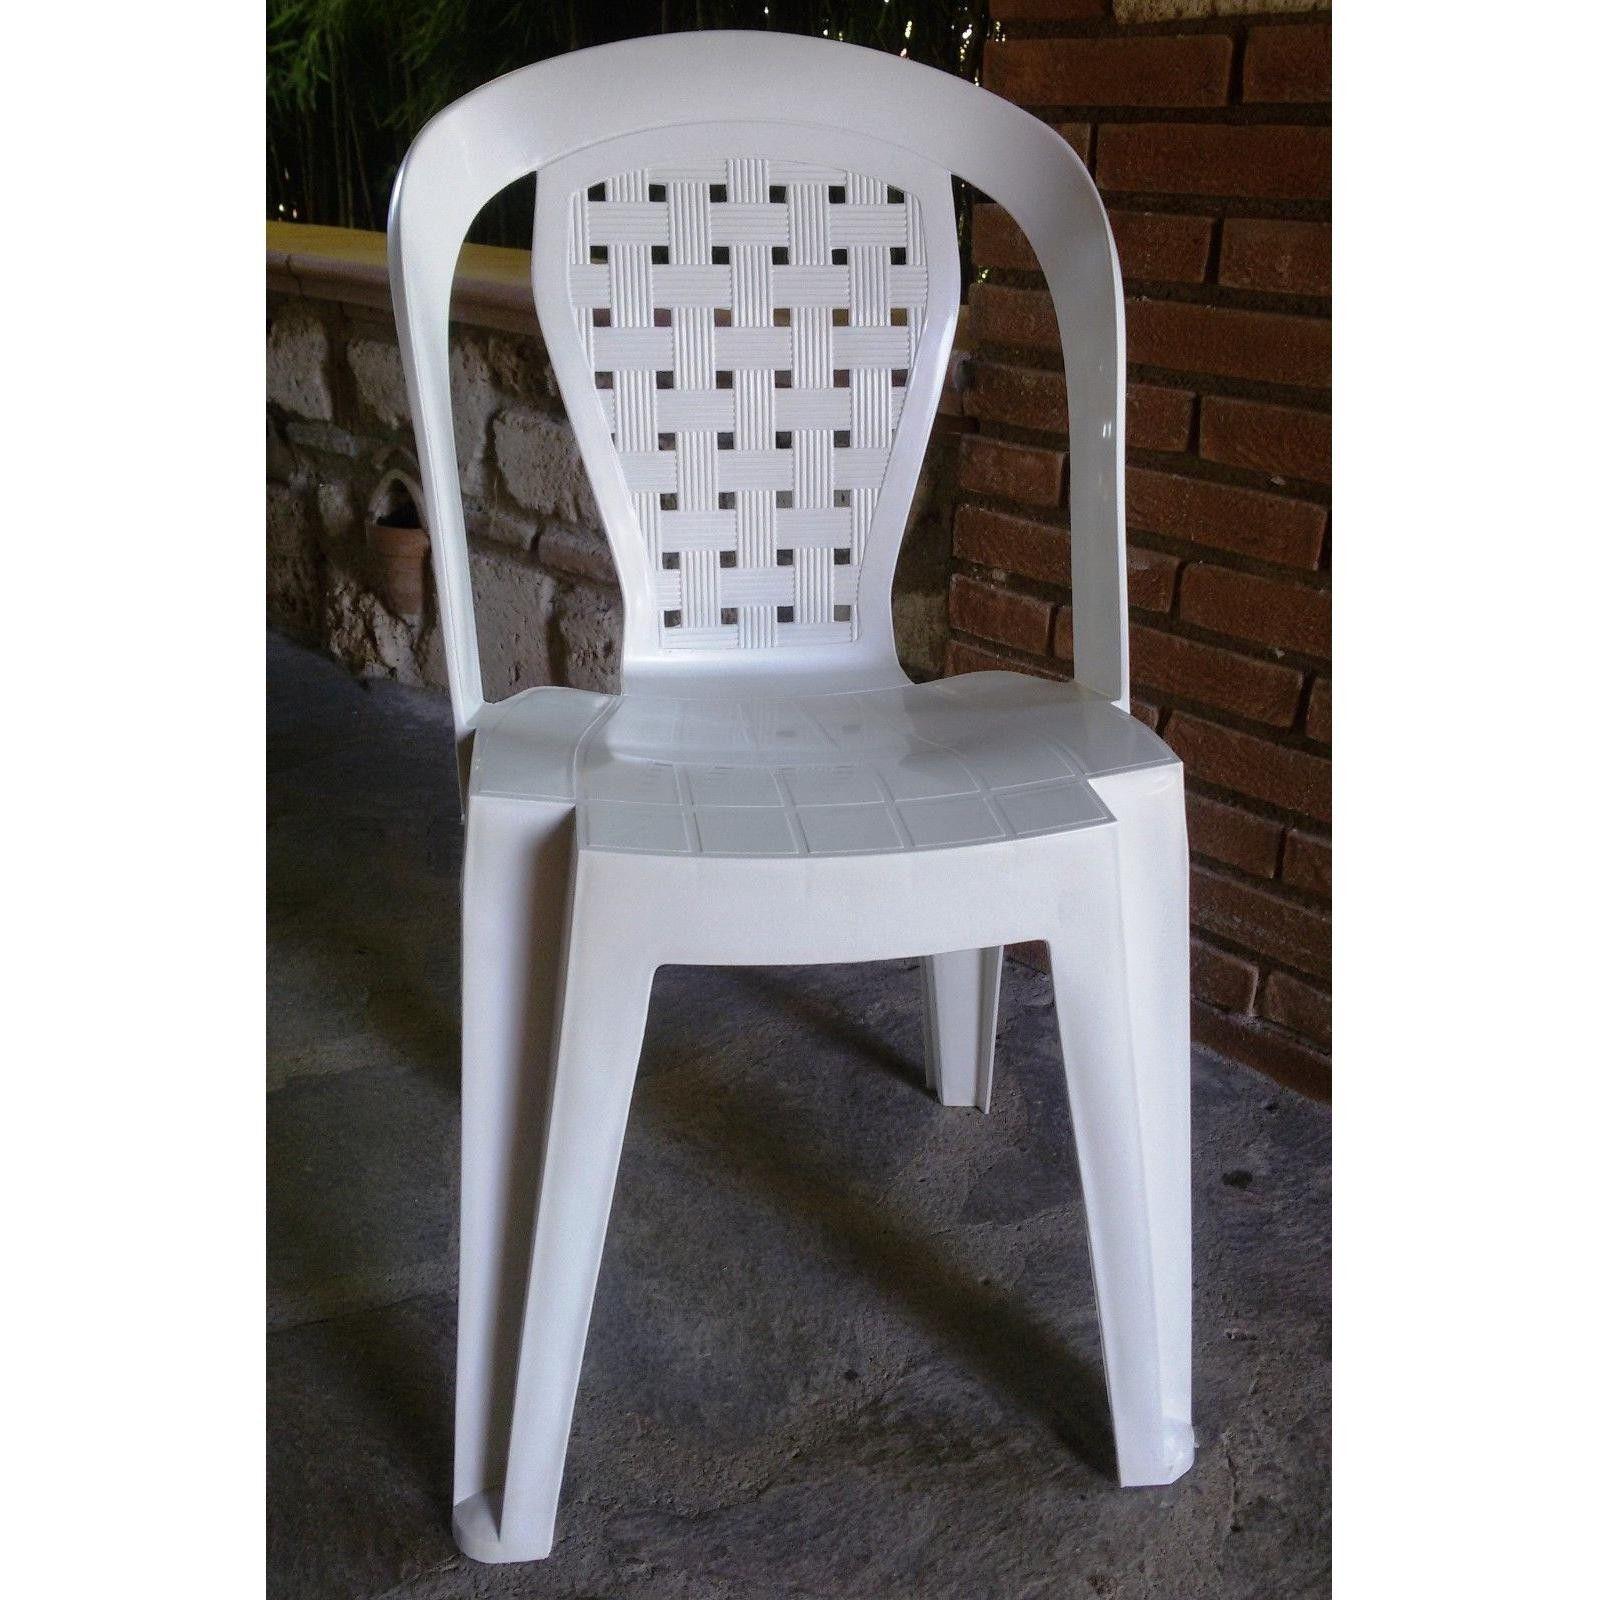 Sedie Da Bar In Plastica.Sedia In Plastica Giardino Senza Braccioli Colore Bianca Modello